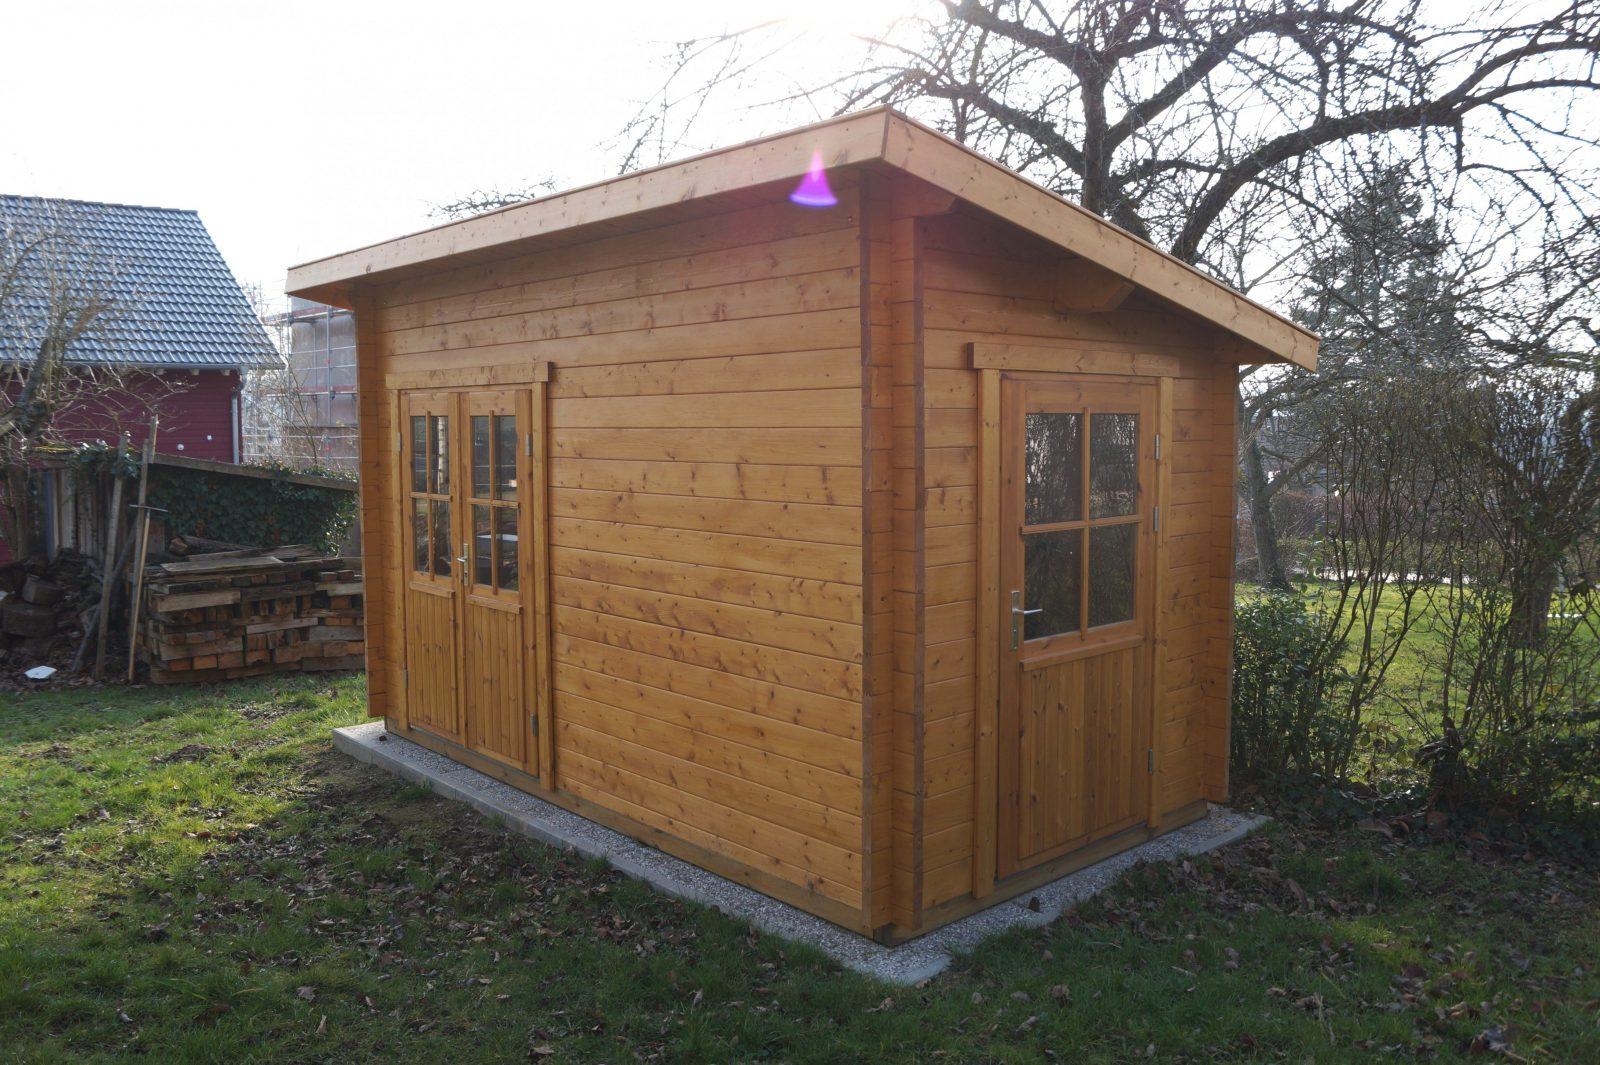 Geräteschuppen Hornbach Schön Beste Gartenhaus Pultdach Selber Bauen von Pultdach Garage Selber Bauen Photo